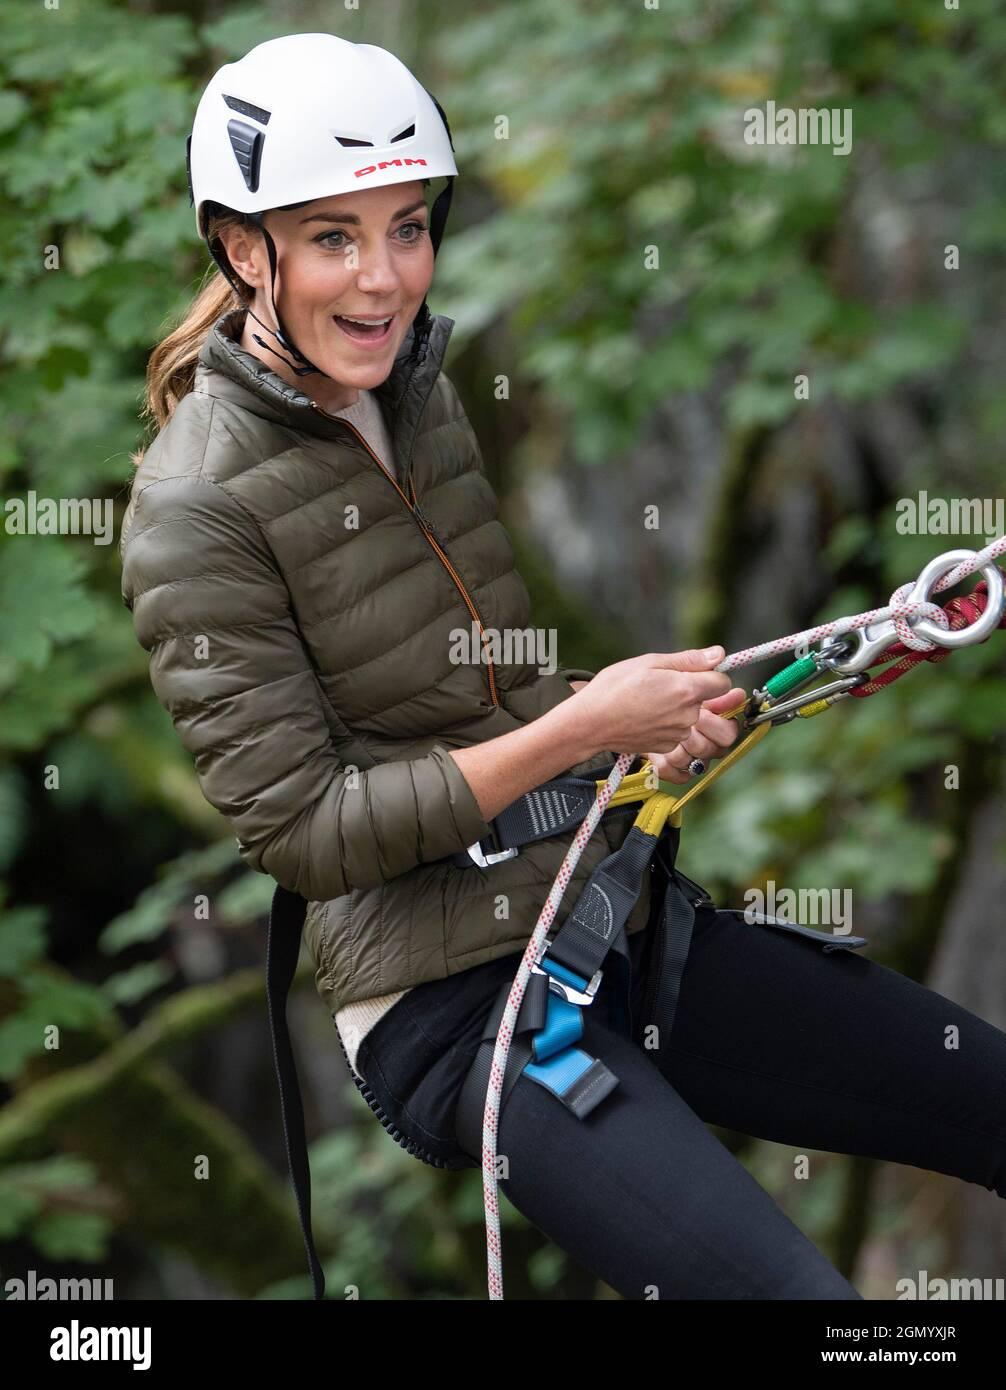 La Duchessa di Cambridge durante una visita al Windermere Adventure Training Center della RAF Air Cadets di Cumbria, che segna la riapertura della struttura dopo un riadattamento di 2 milioni di sterline. Data foto: Martedì 21 settembre 2021. Foto Stock